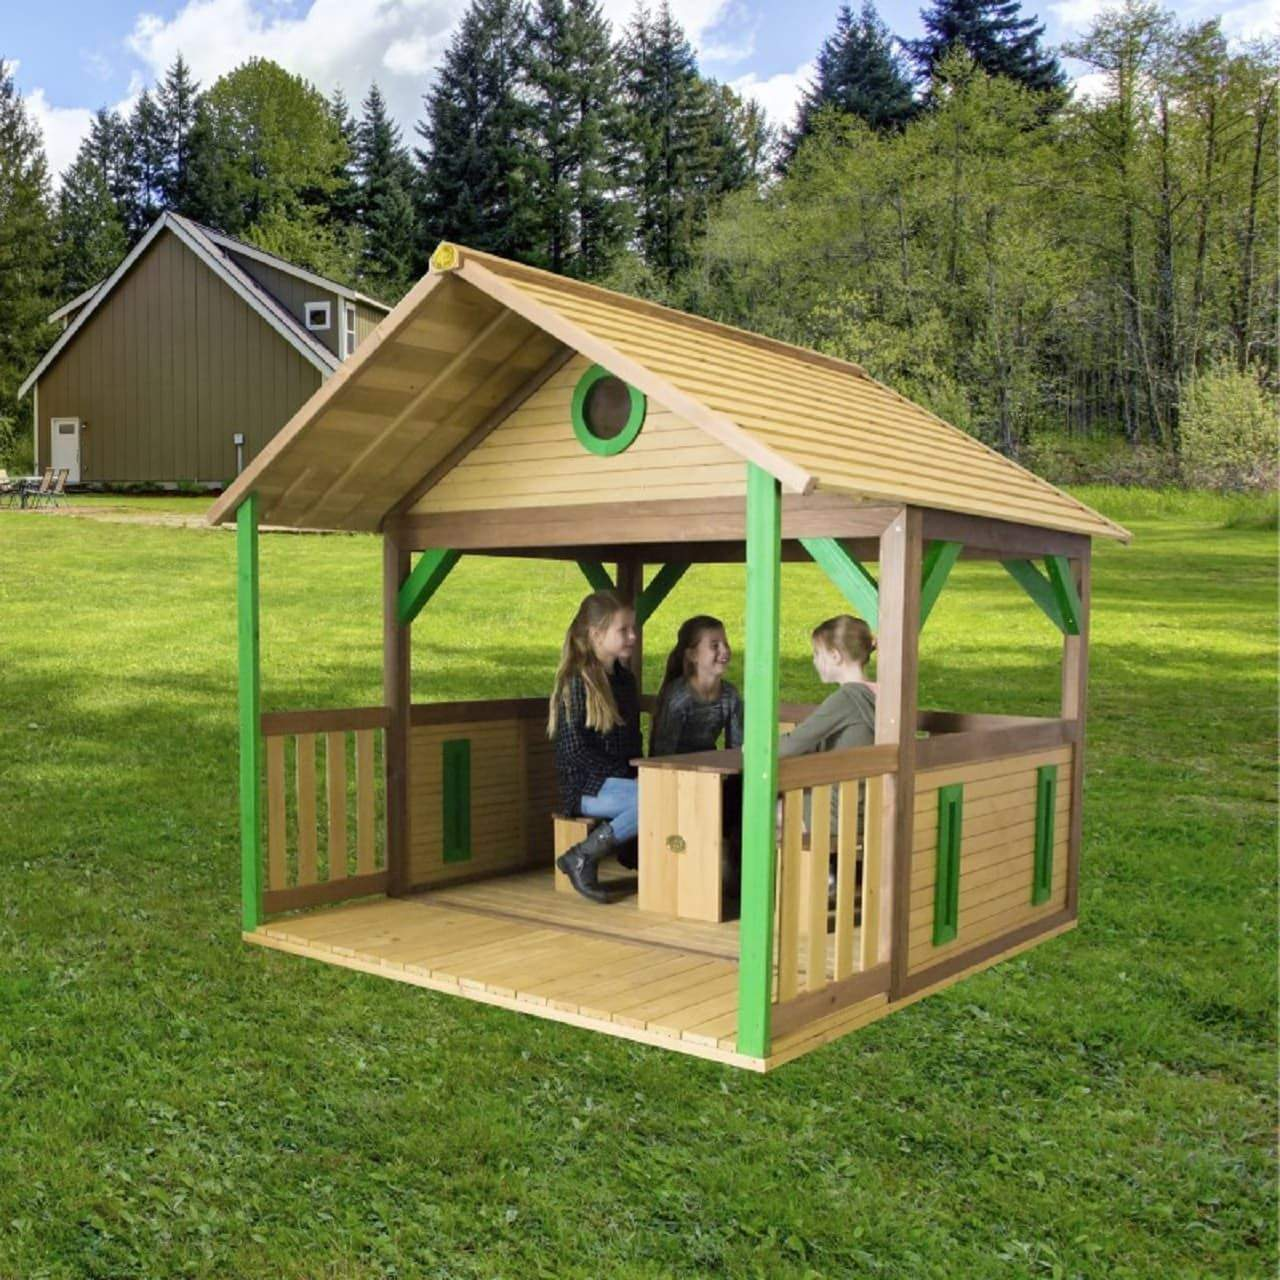 Pavillon Garten Holz Inspirierend Spielhaus Zazou Pavillon Holz Kinderspielhaus